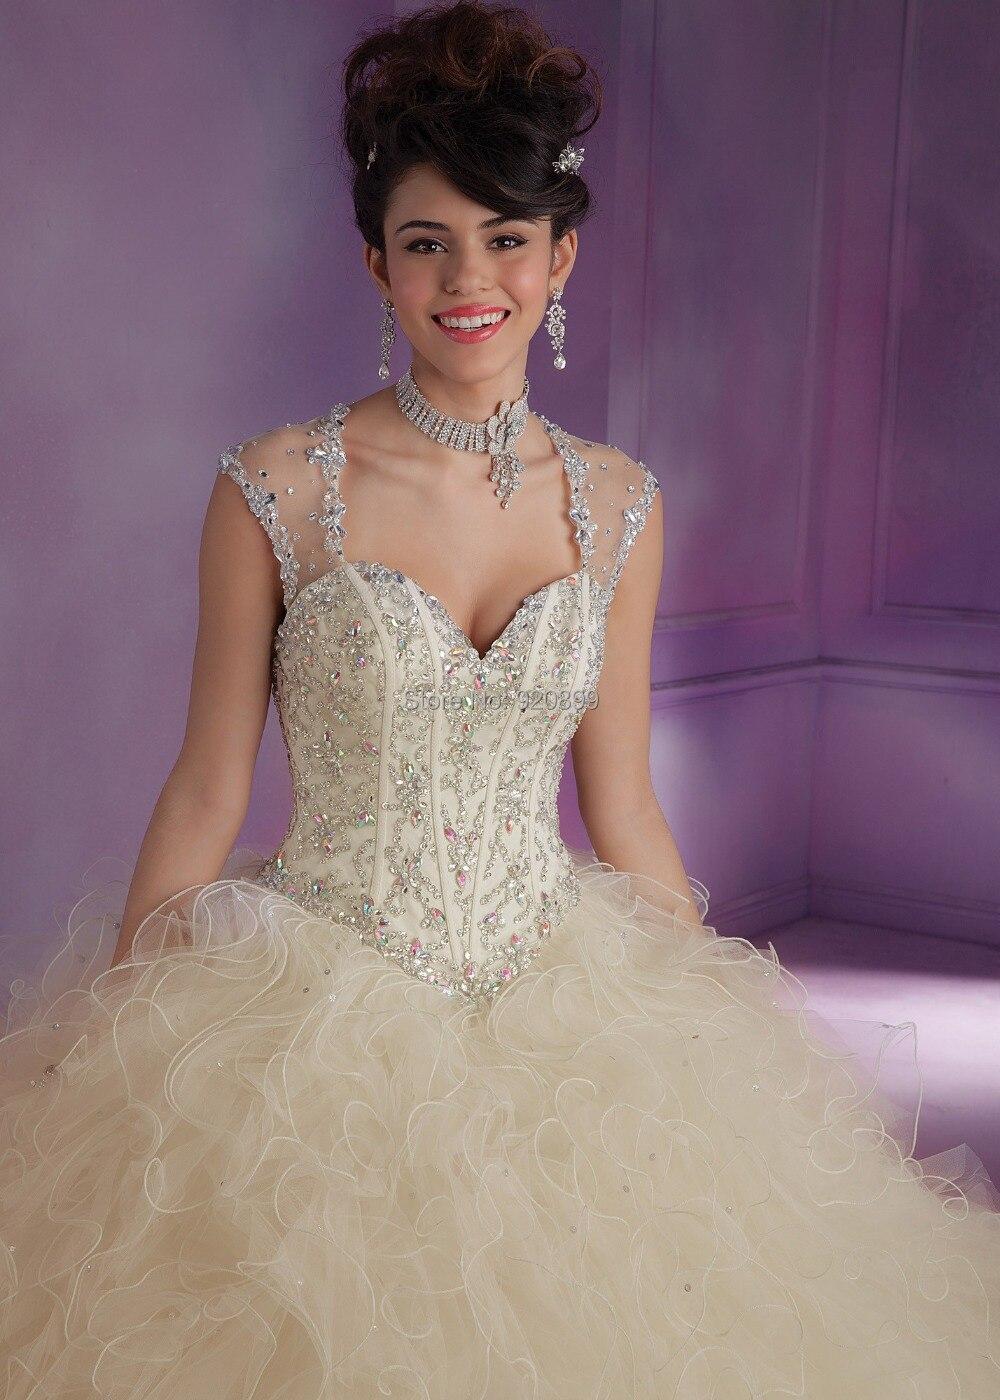 Moderno Vestidos De Boda De La Princesa Con El Bling Ideas - Ideas ...